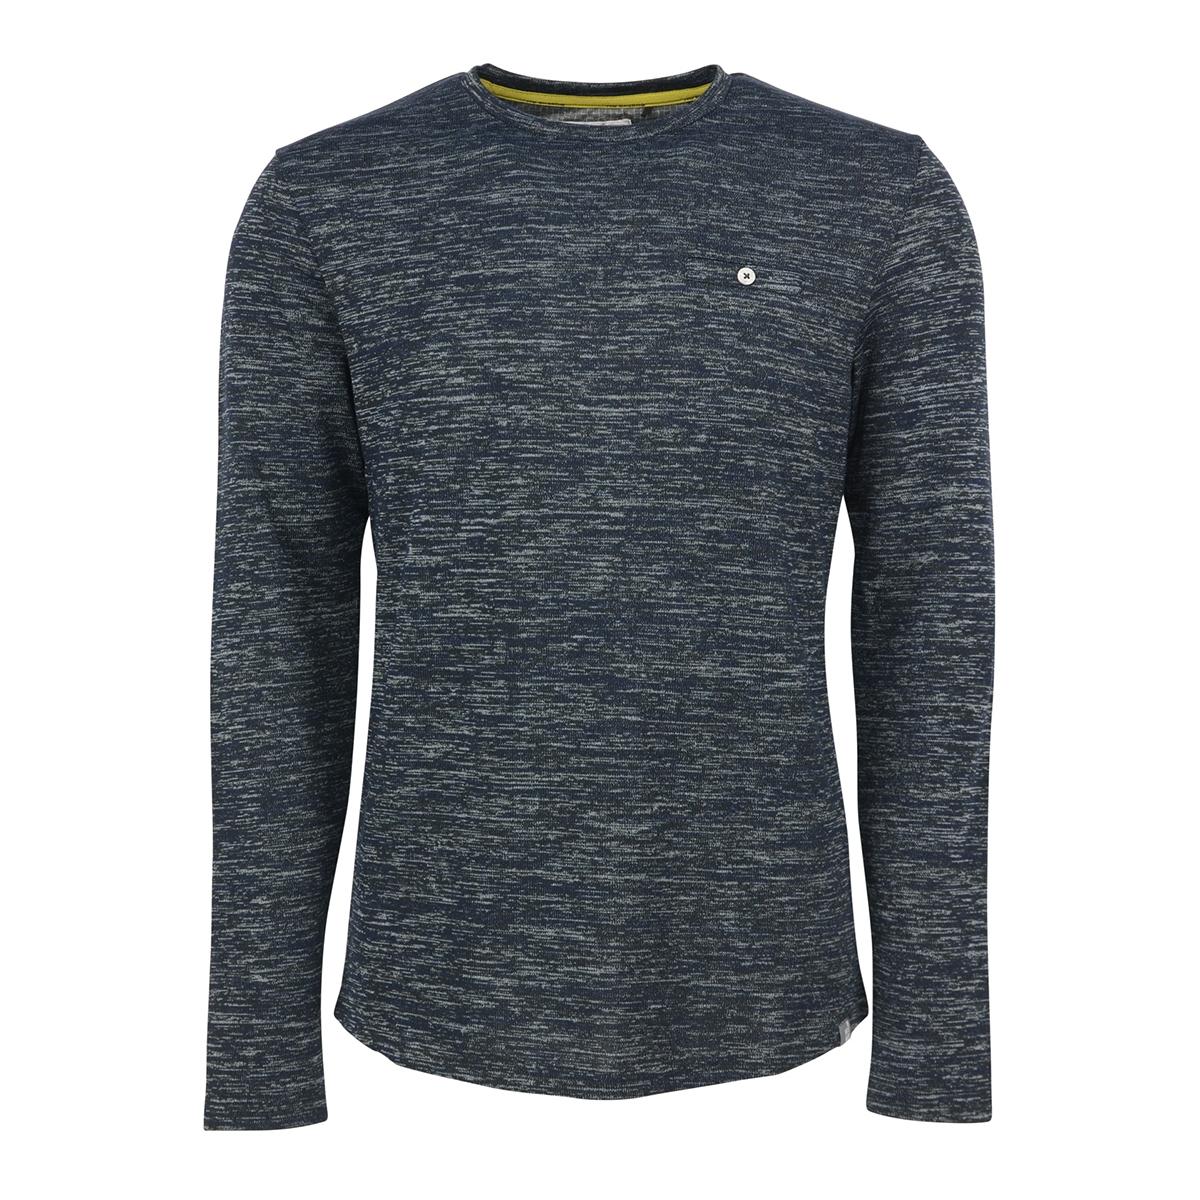 87120703 no-excess t-shirt 037 navy